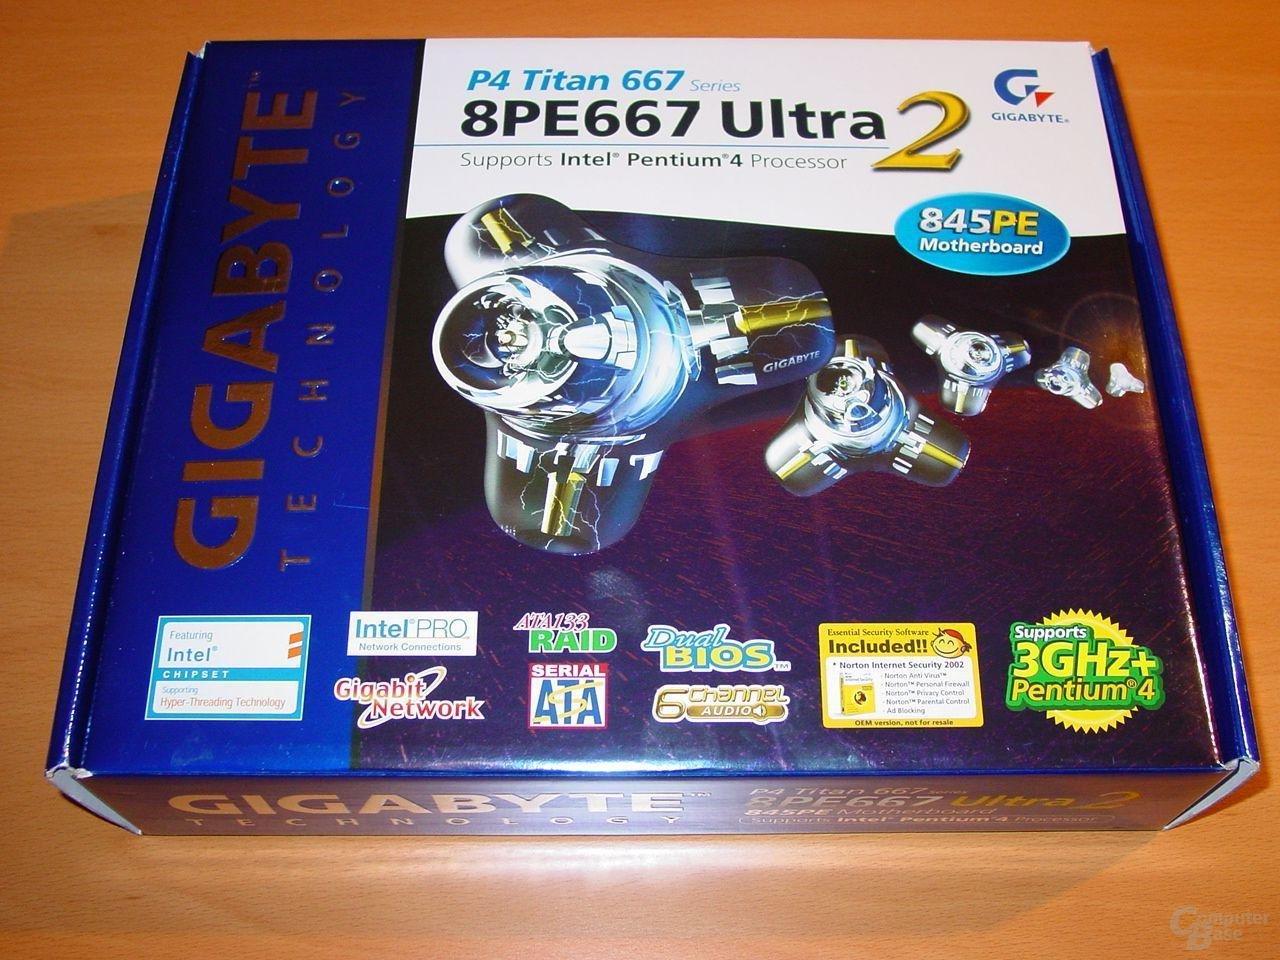 GA-8PE667 Ultra 2 - Box